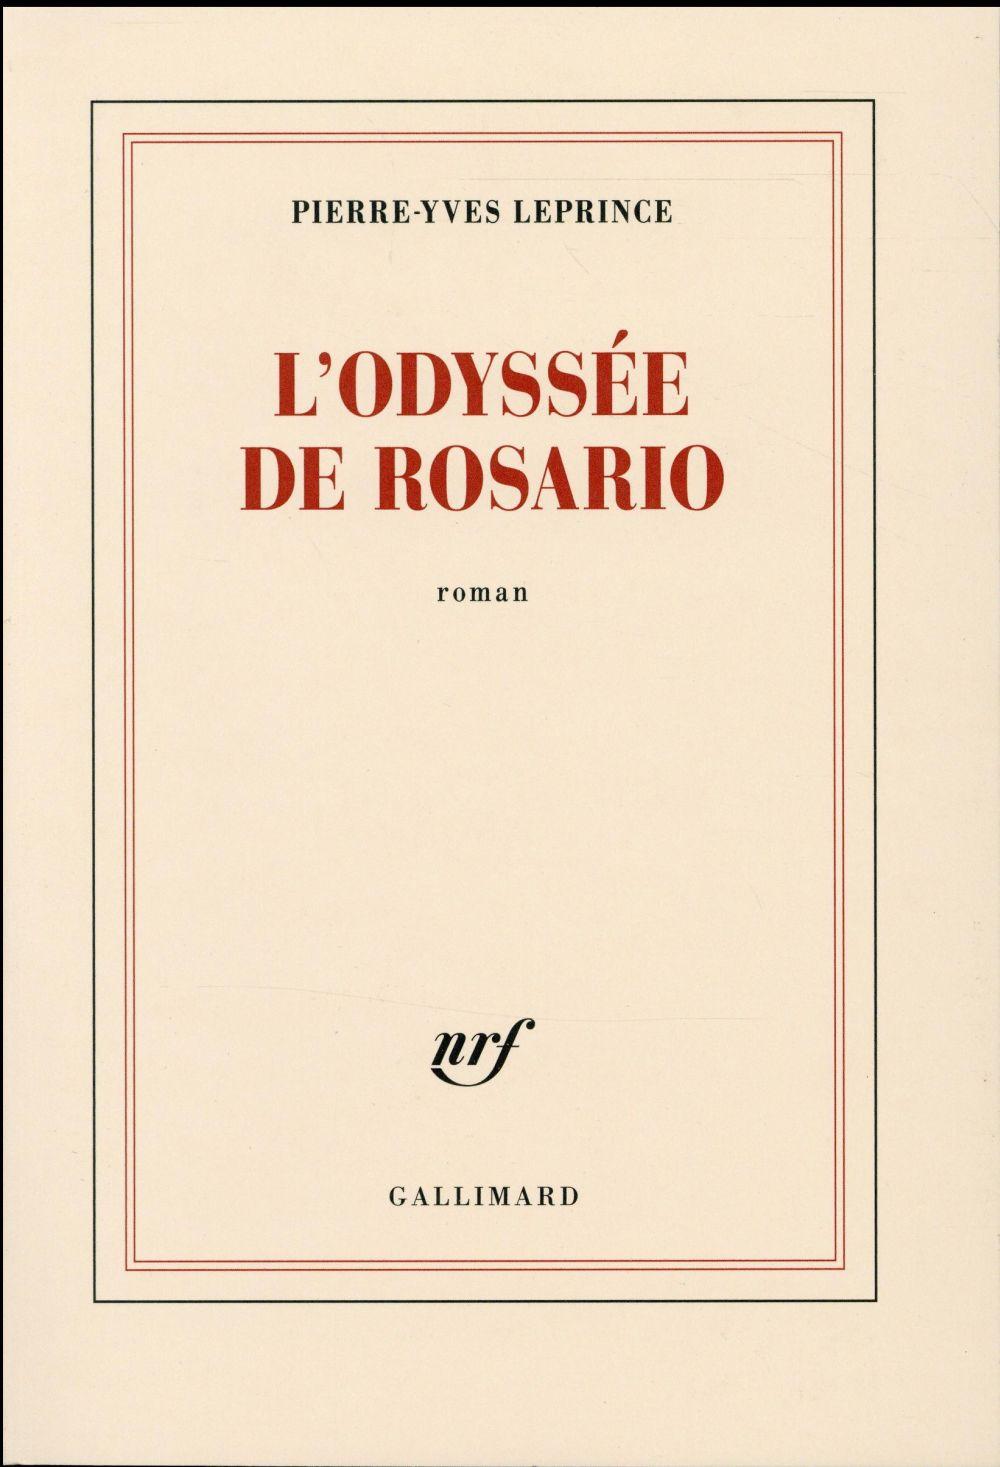 L'odyssee de Rosario